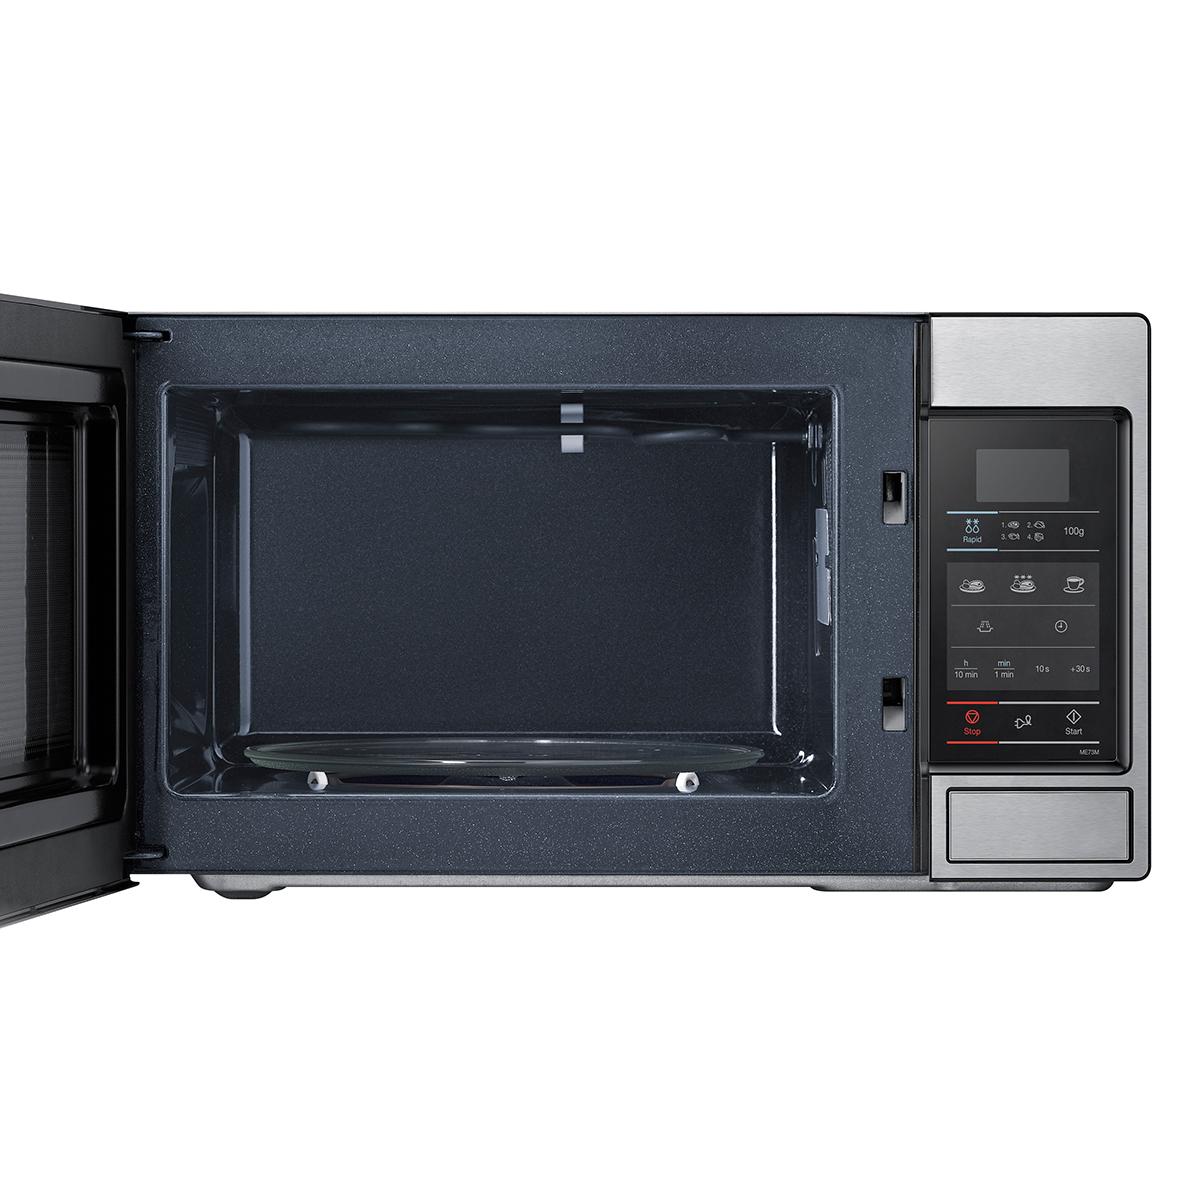 Lò Vi Sóng Điện Tử Samsung ME73M/XSV - 20L - Hàng chính hãng